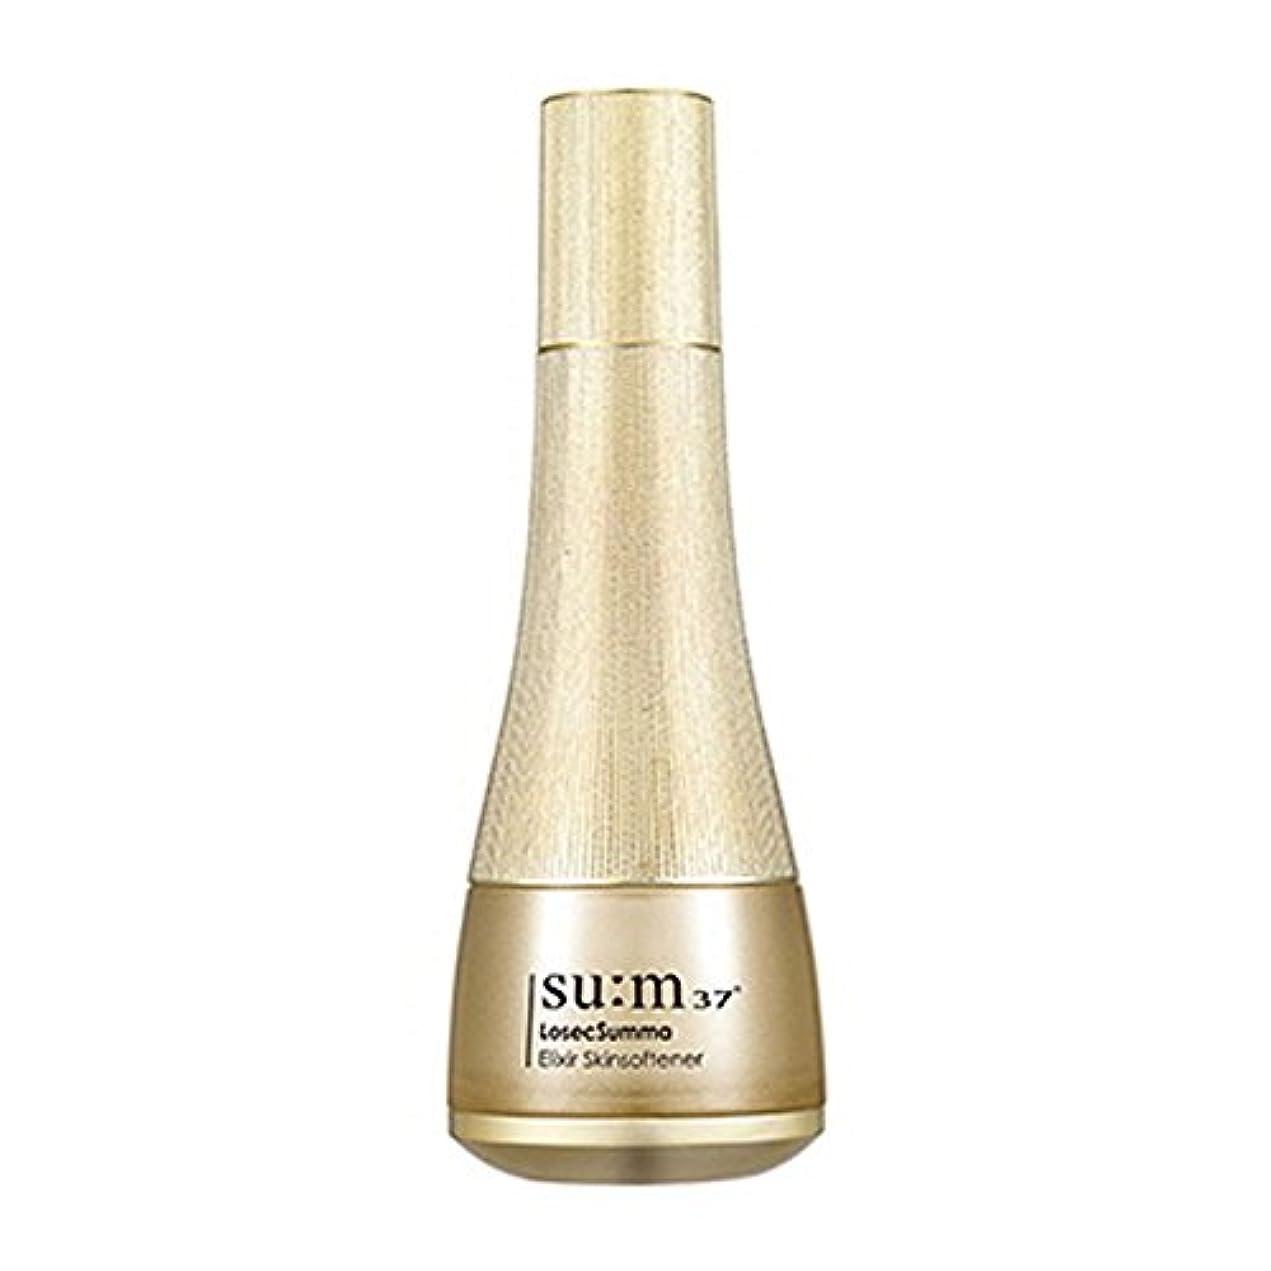 棚水分アフリカ[スム37º] Sum37º ロッシク スムマ エリクサー スキンソフナー  LosecSumma Elixir Skinsoftner (海外直送品) [並行輸入品]